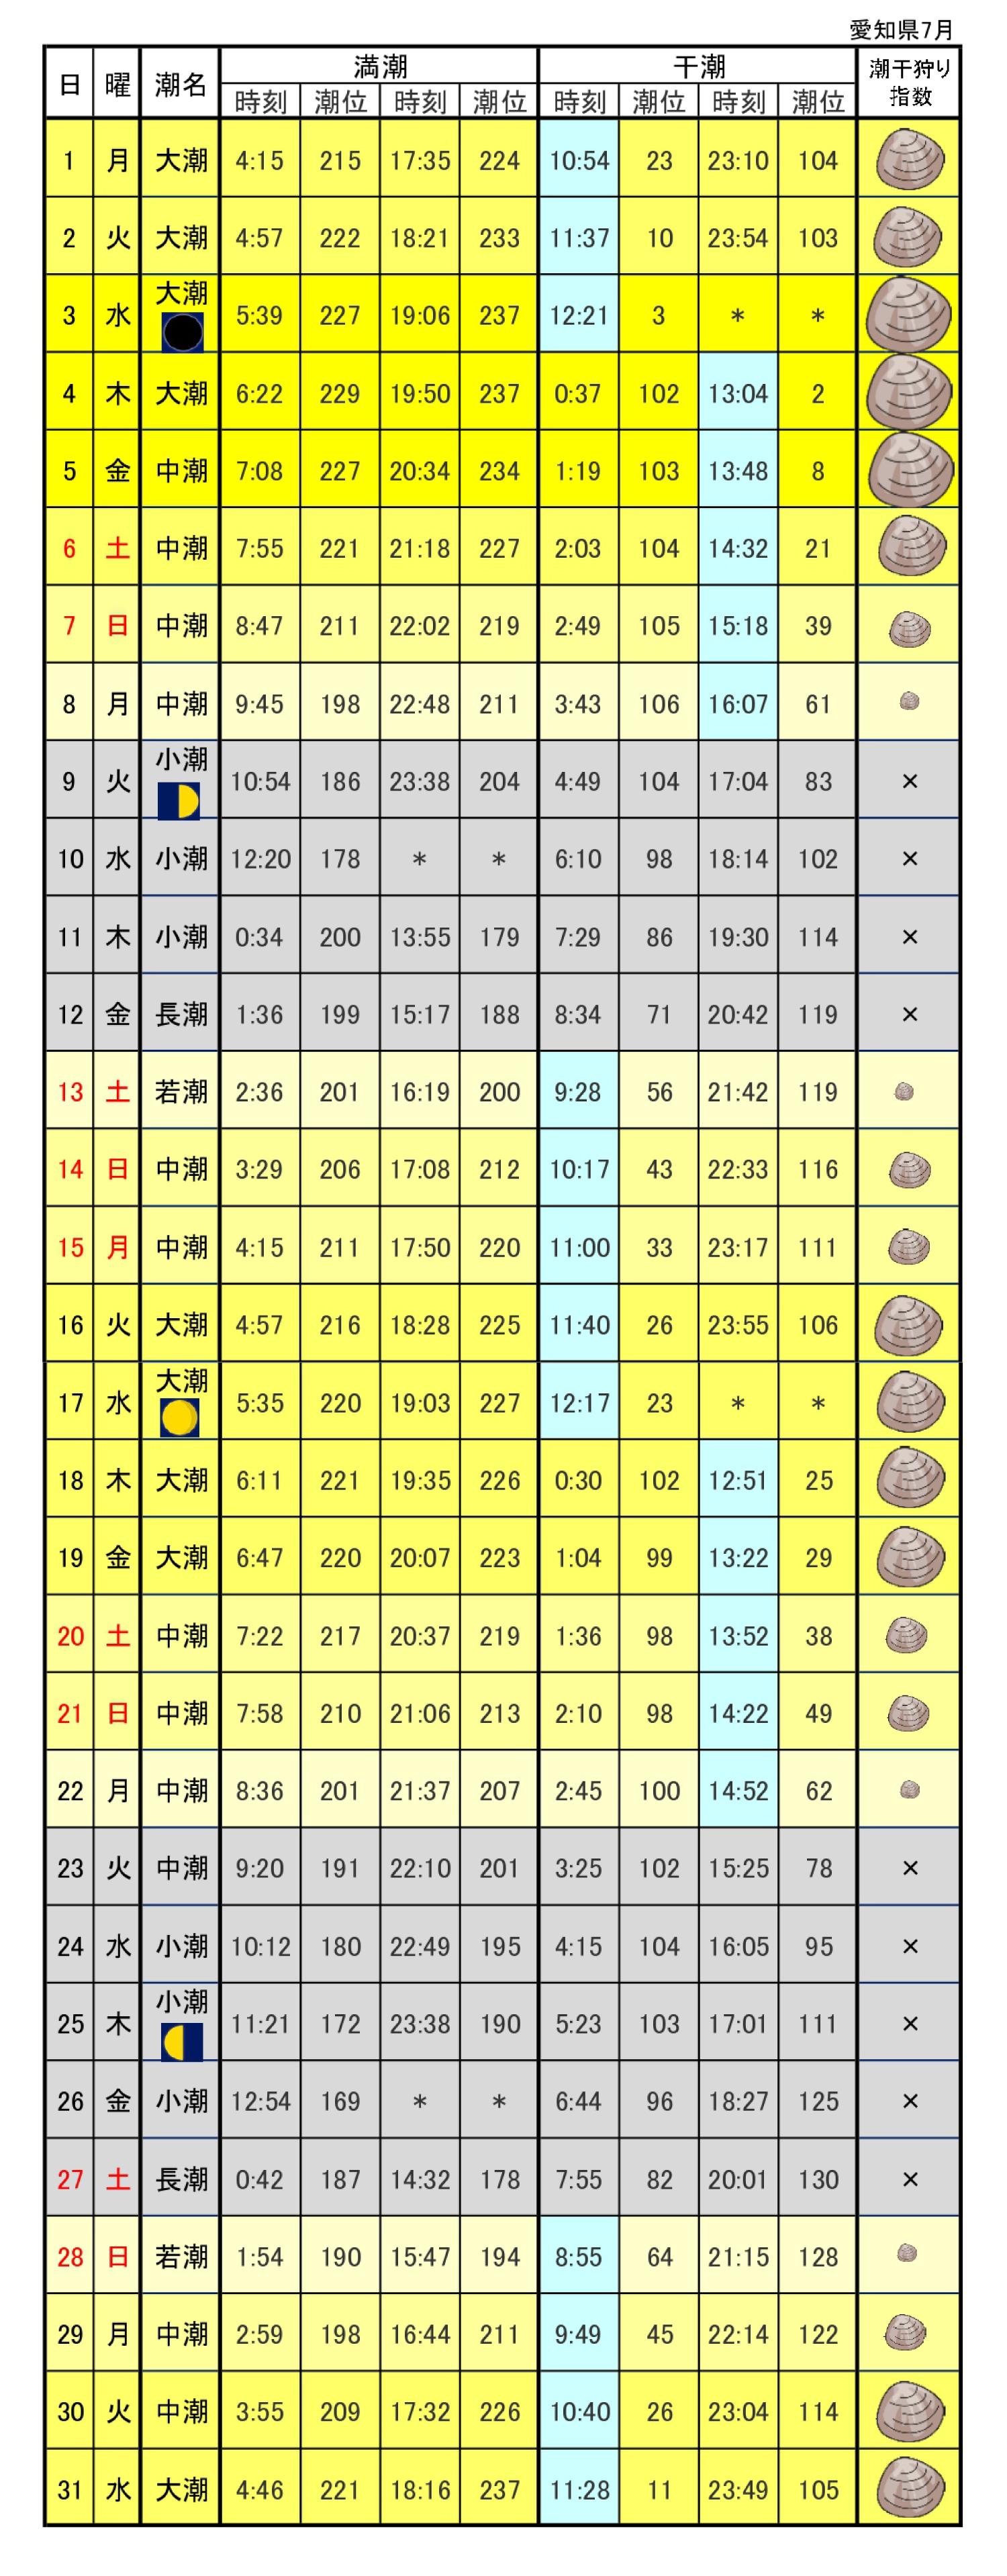 愛知県潮干狩り潮見表2019年7月